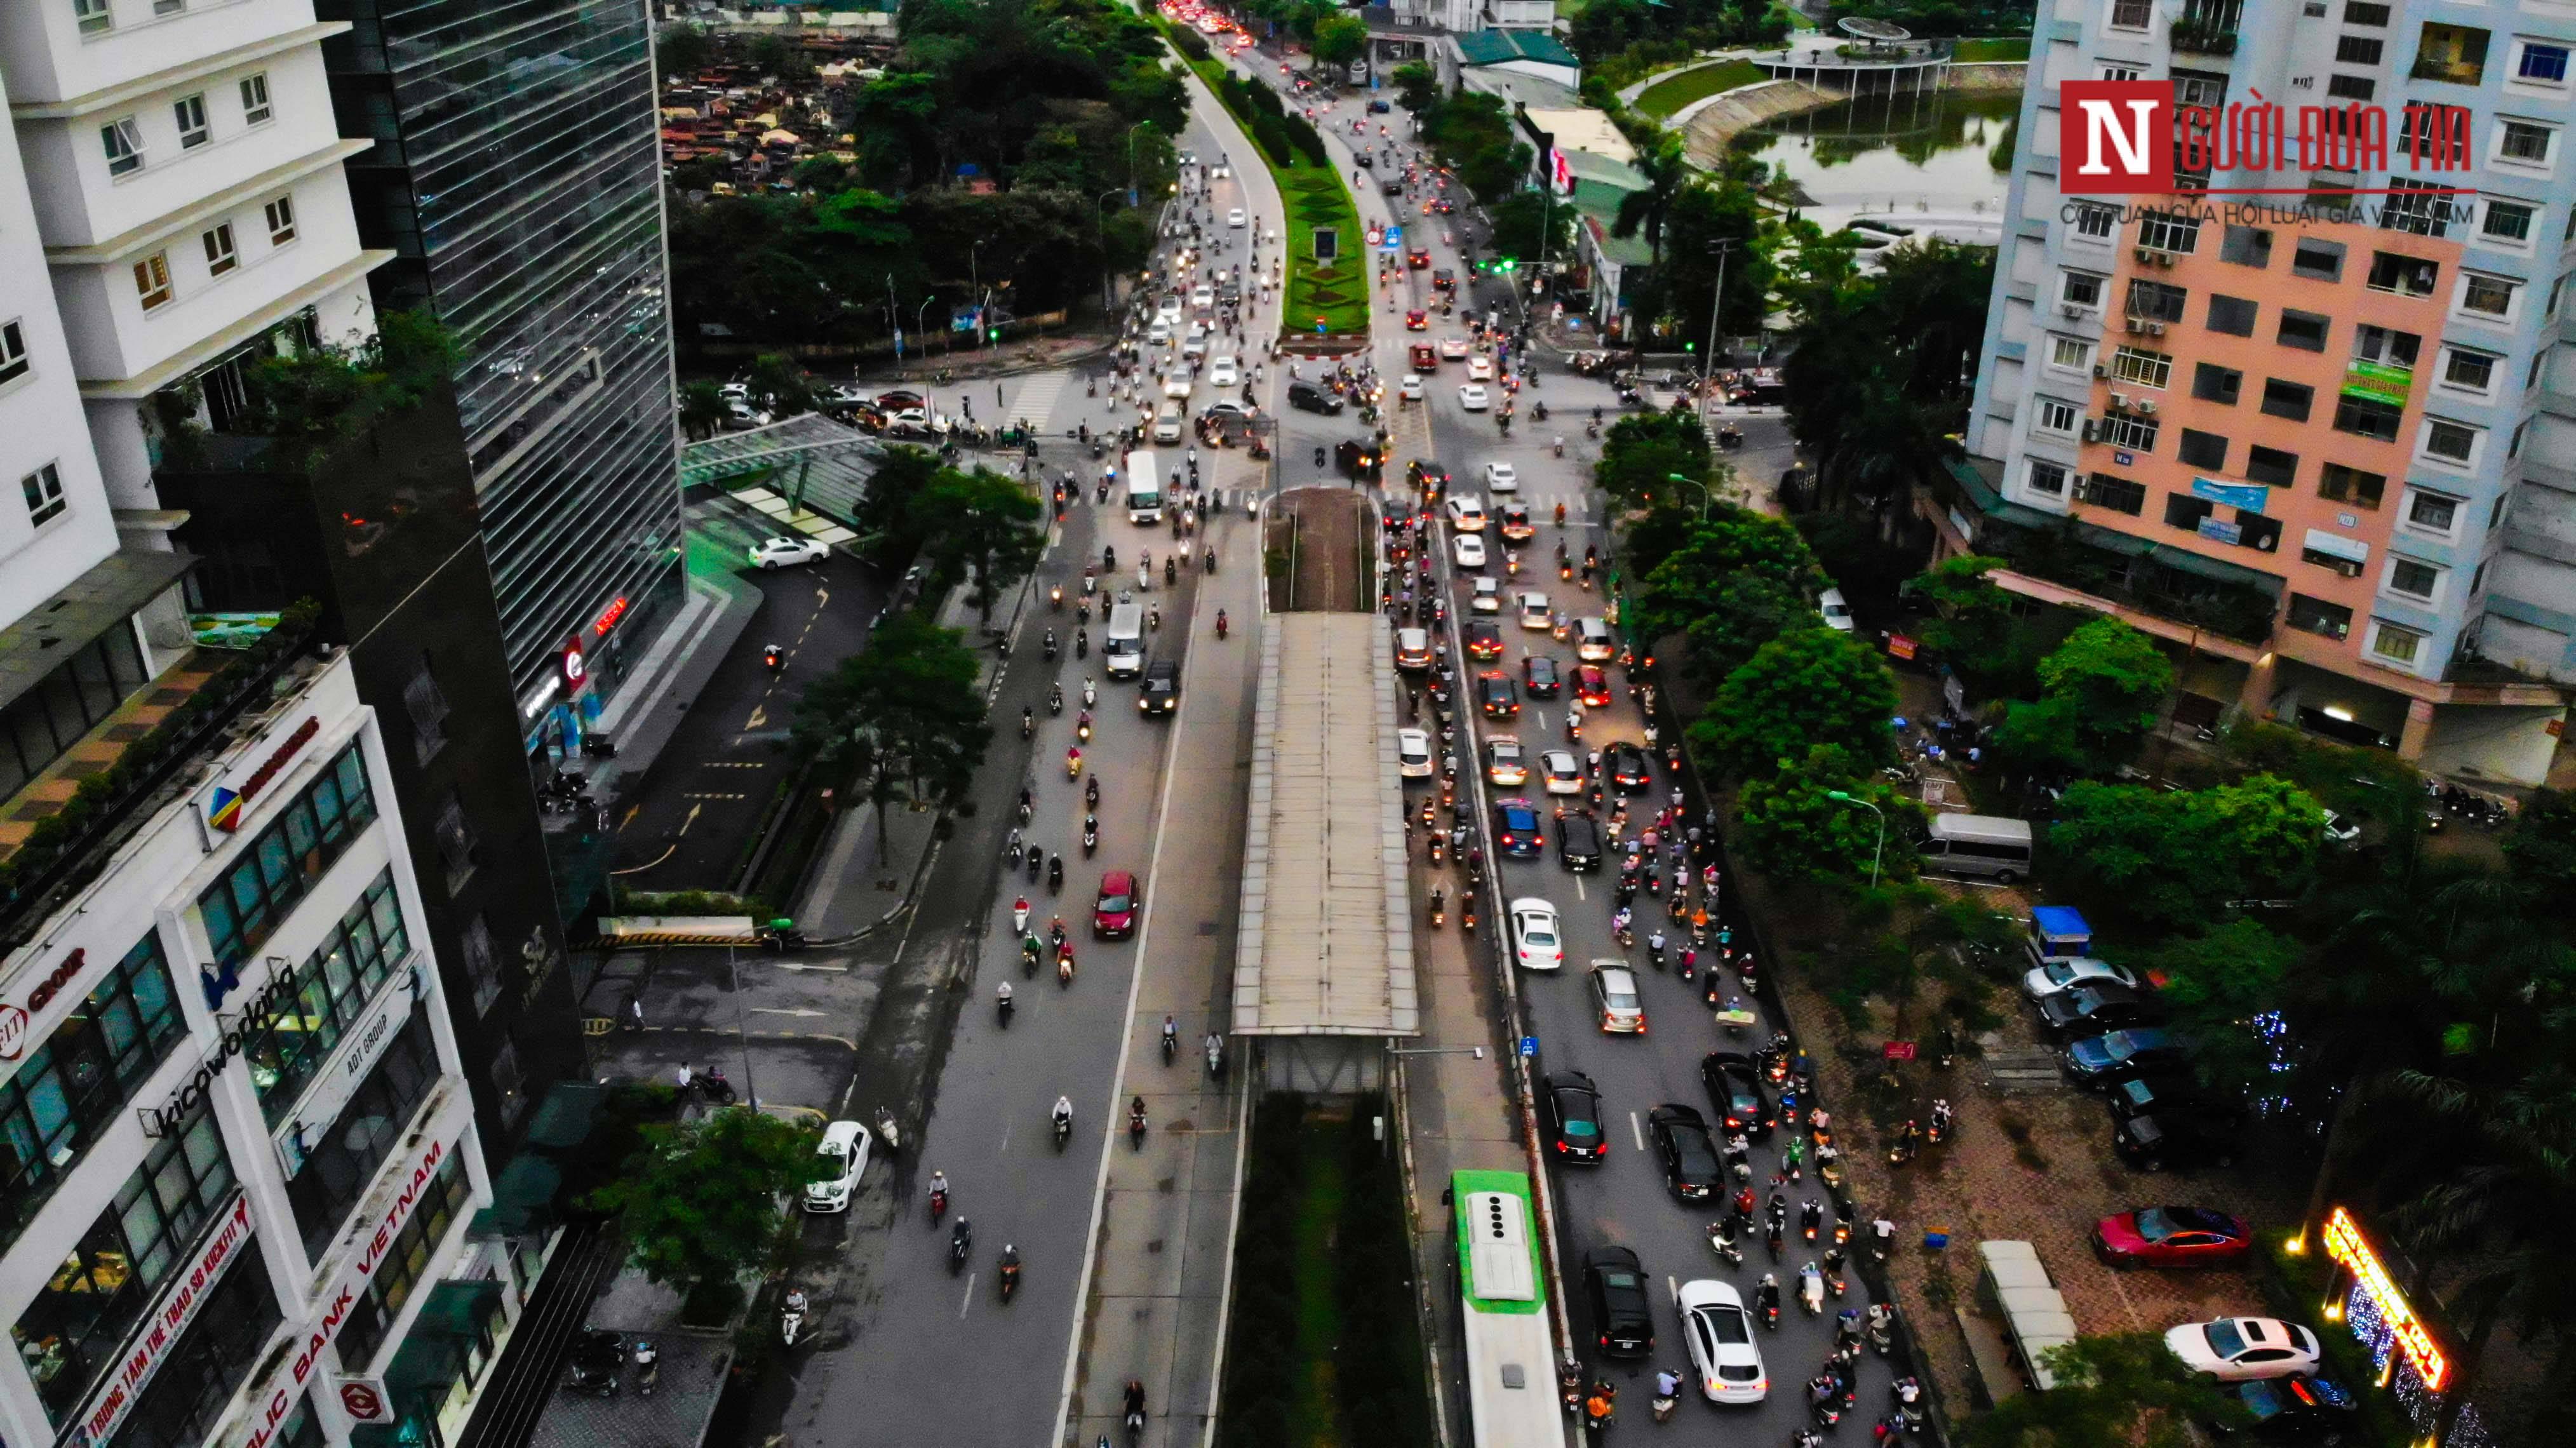 Bất động sản - Cận cảnh tuyến đường dài 2km cõng tới 40 toà nhà cao ốc tại Thủ đô (Hình 8).